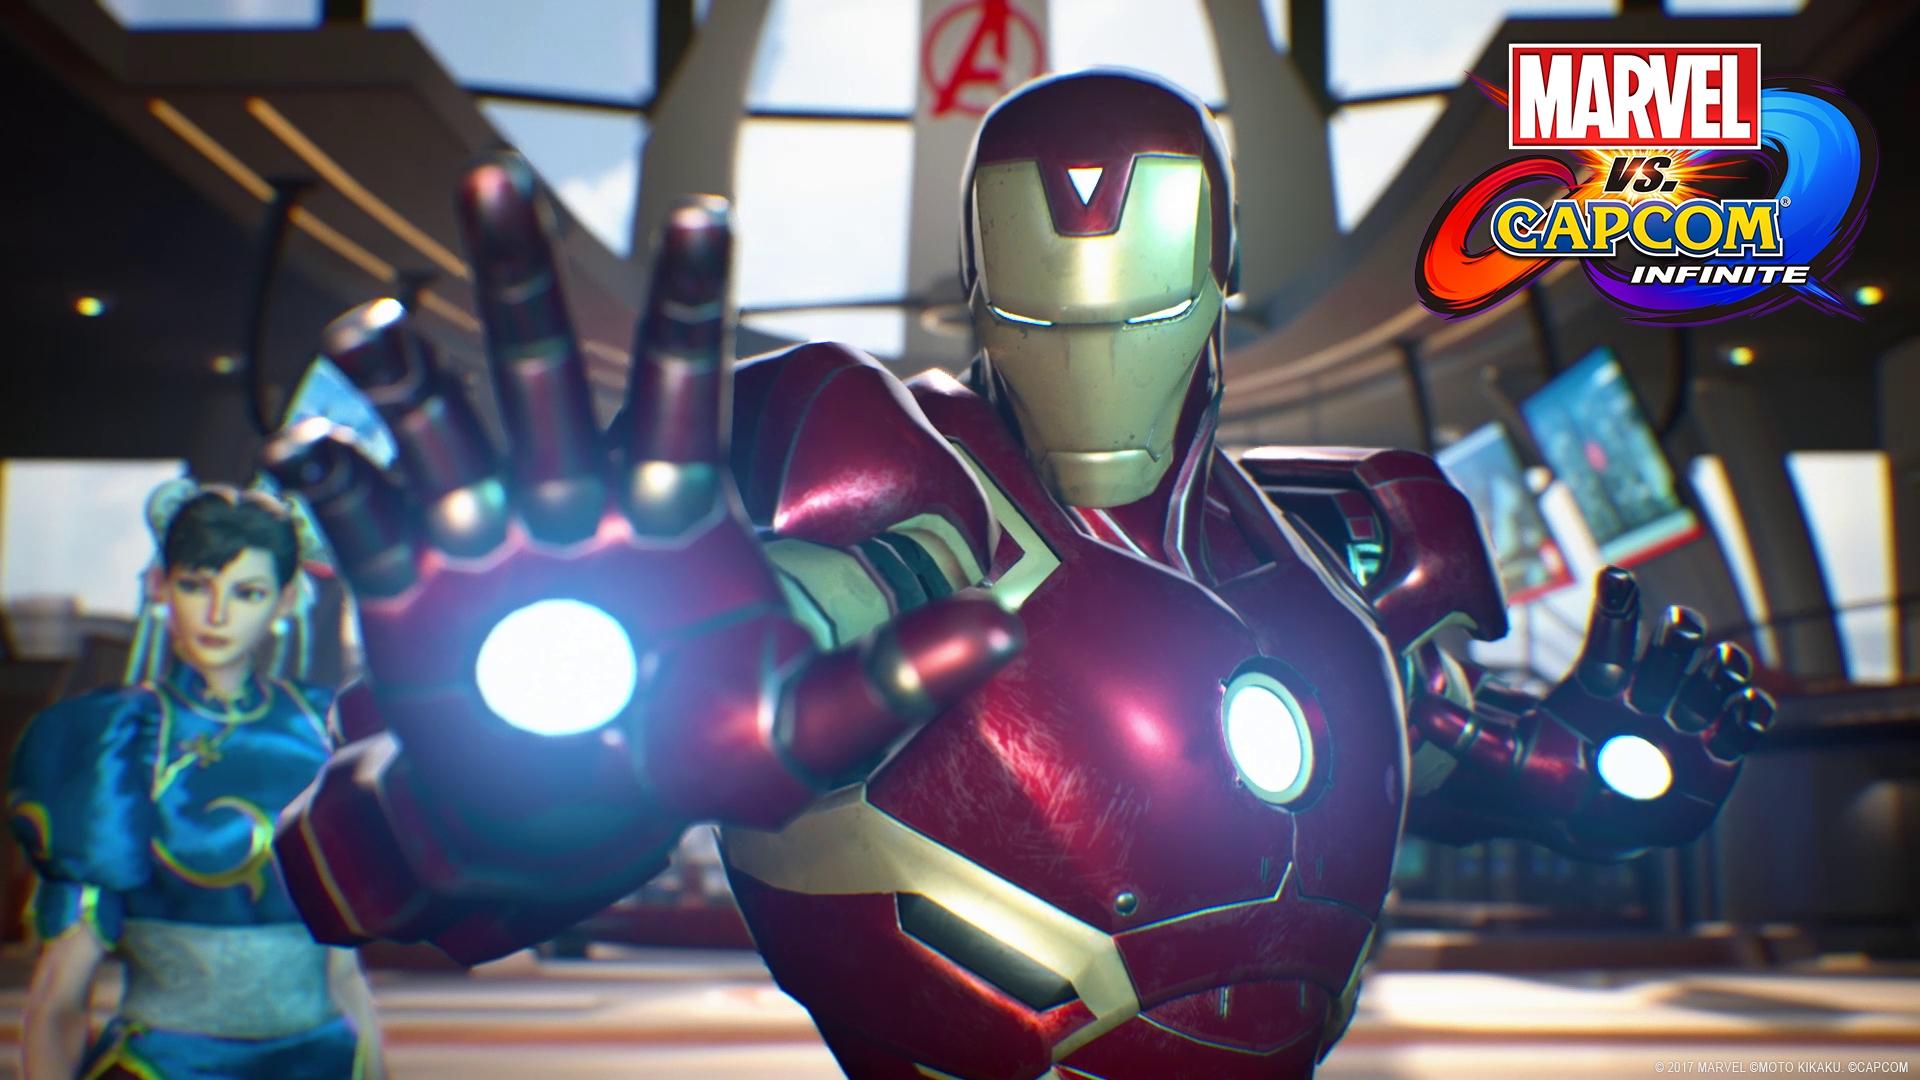 Marvel Vs. Capcom: Infinite - what do you think of the line-up?